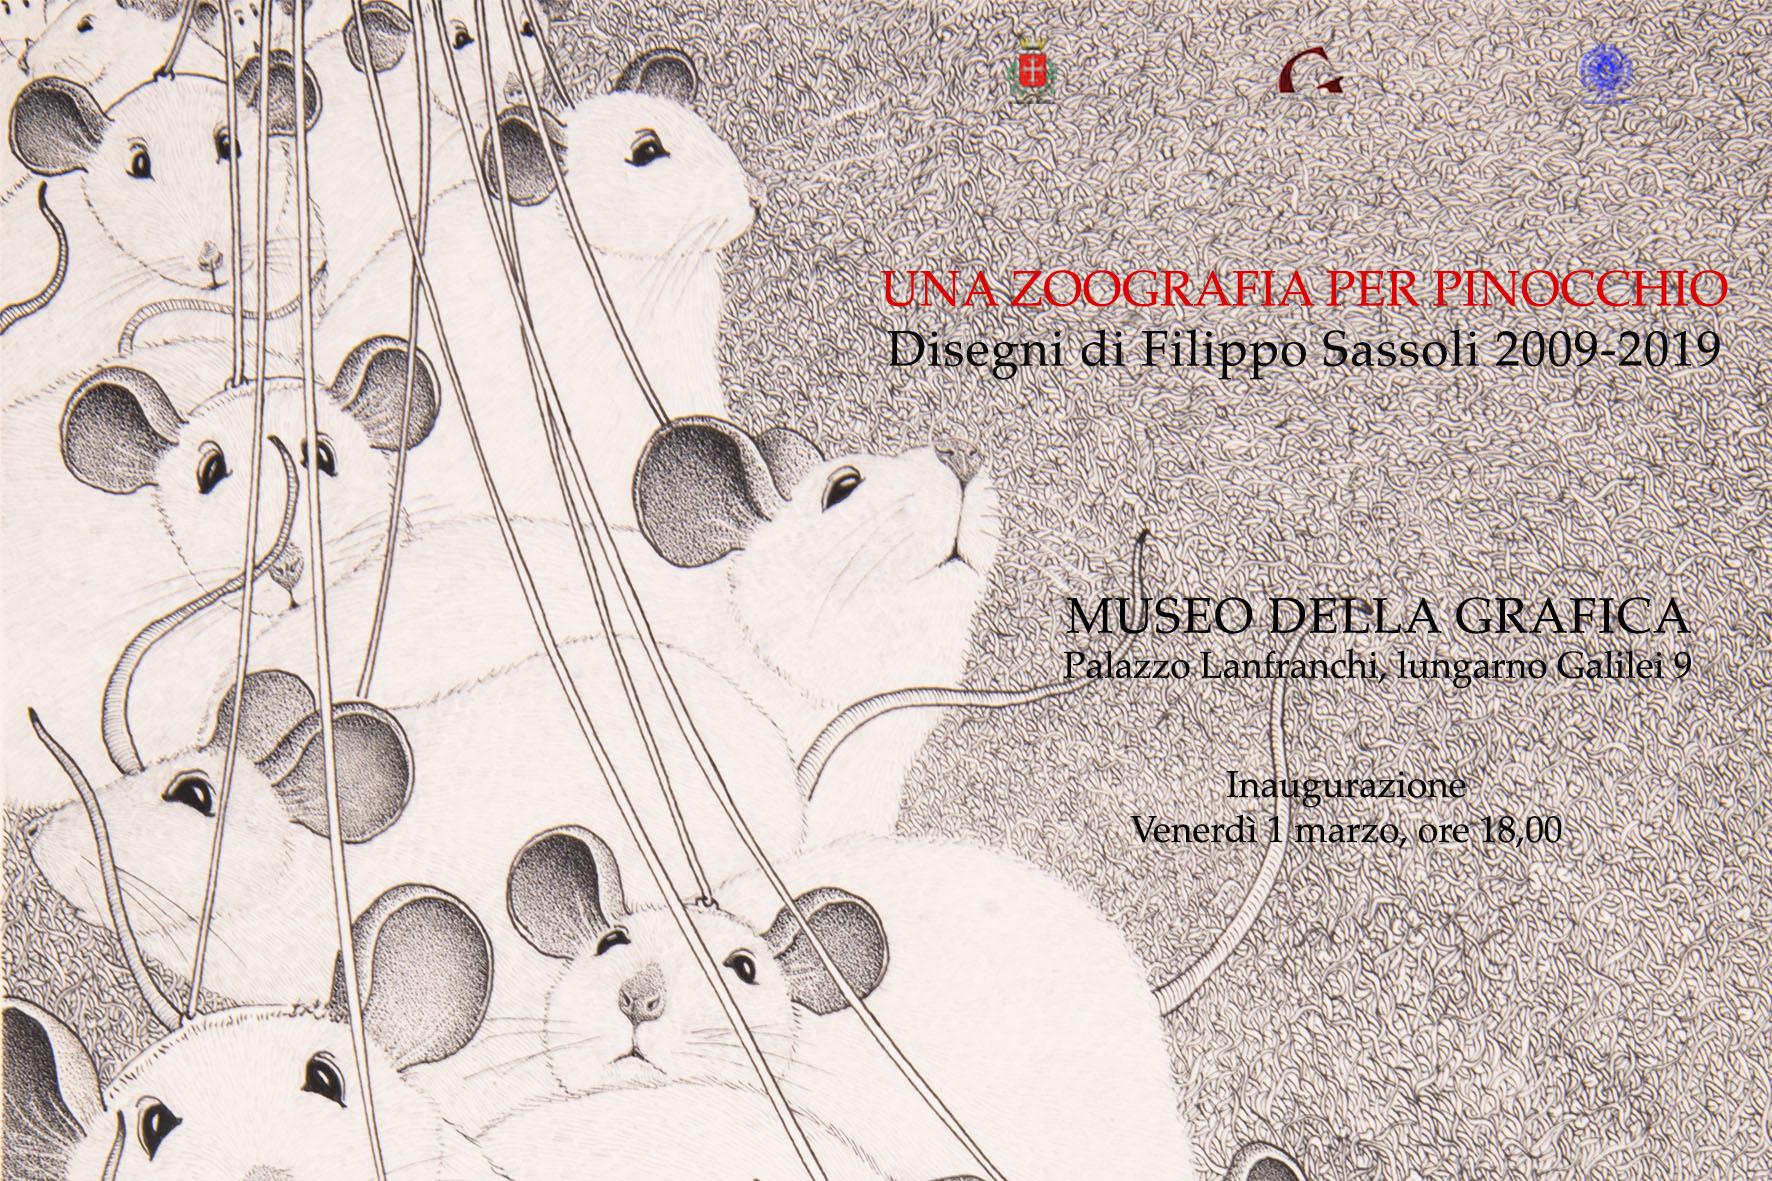 Mostre Concluse Museo Della Grafica Di Pisa Palazzo Lanfranchi